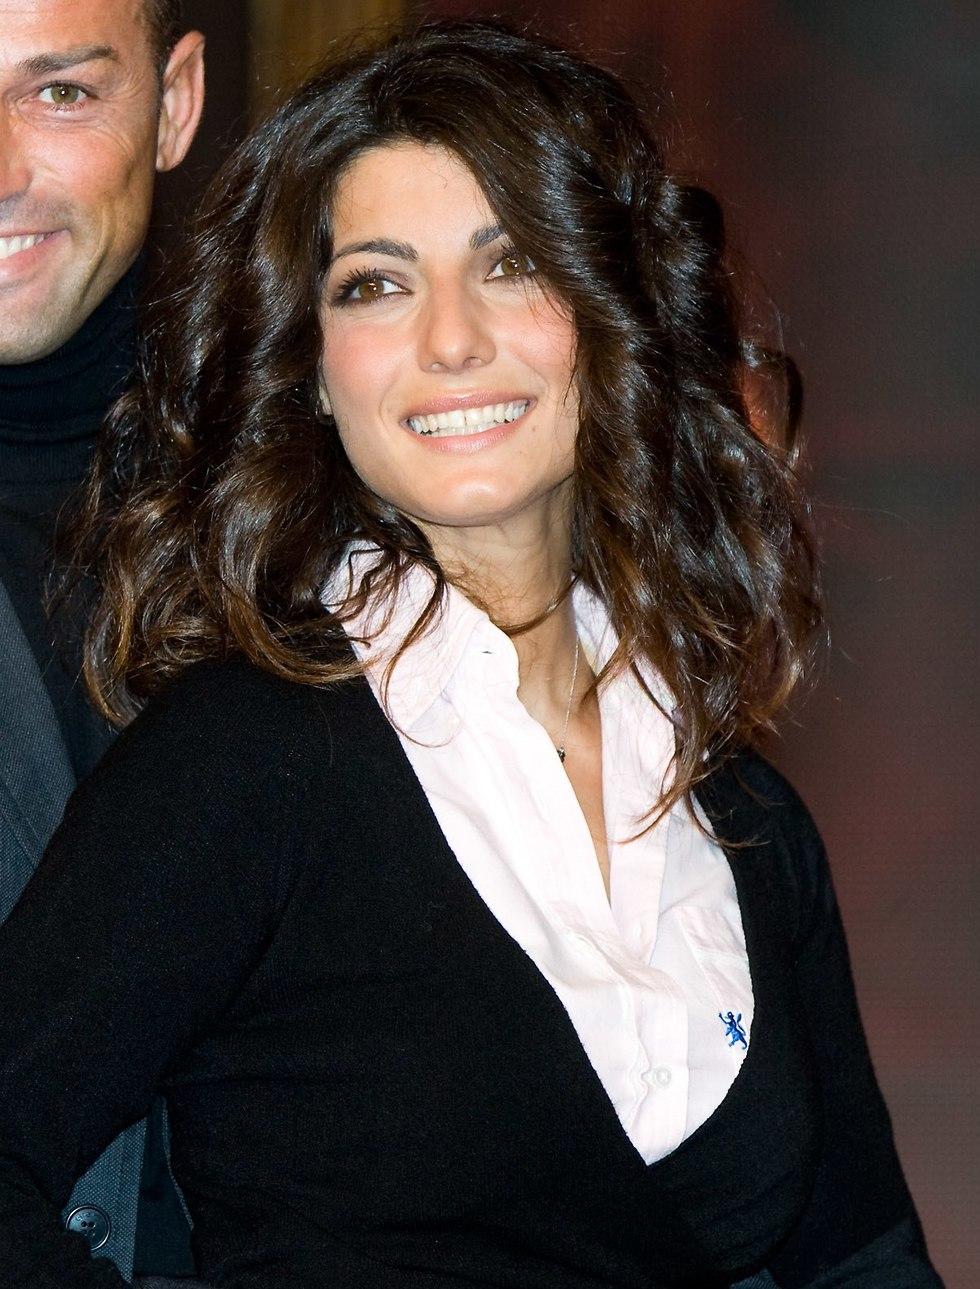 סמנתה טוני (צילום: getty images)